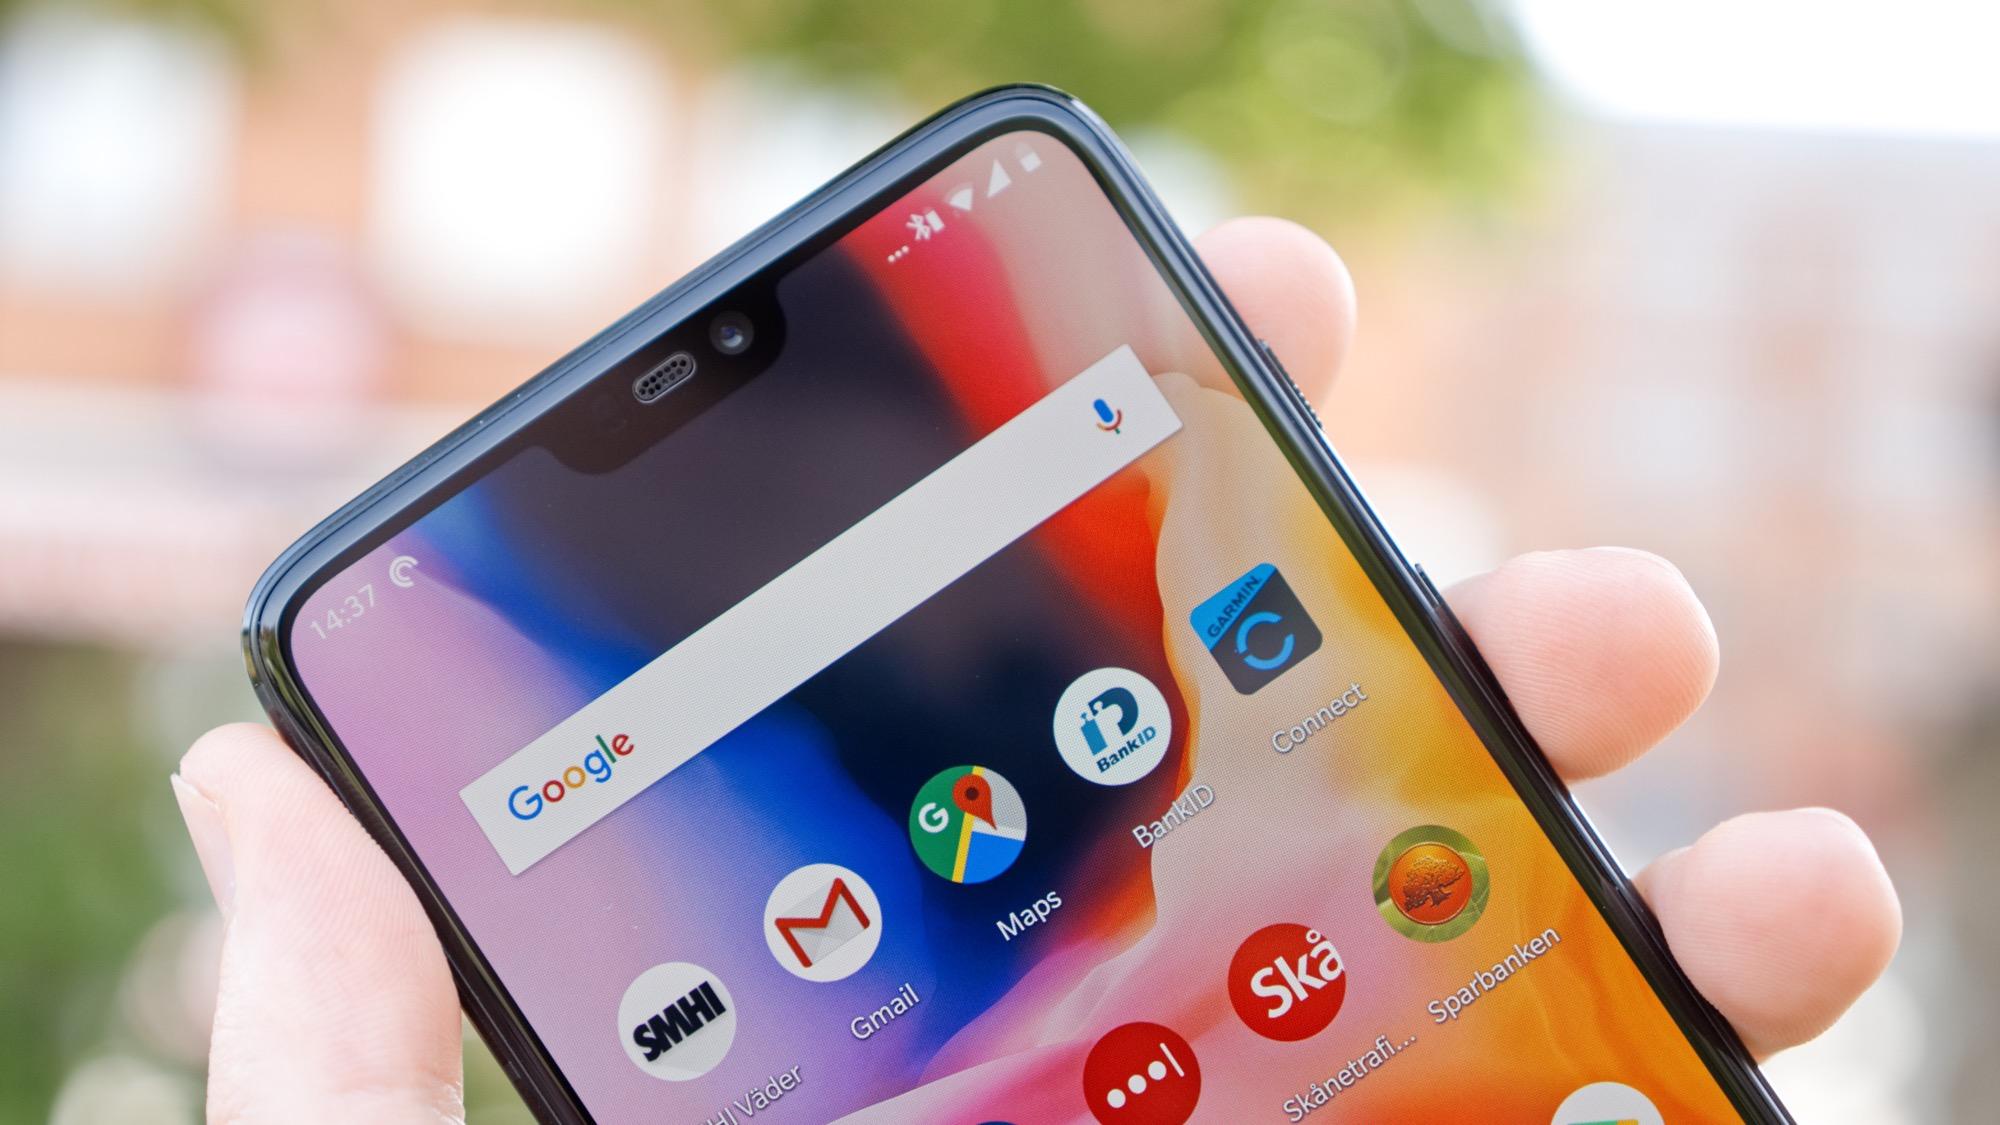 OnePlus har länge saknat en funktion som flera dyrare konkurrenter har  kunnat skryta med  vattentäthet. Med sin nya modell säger OnePlus att de  har löst det ... 5576d788c10e3